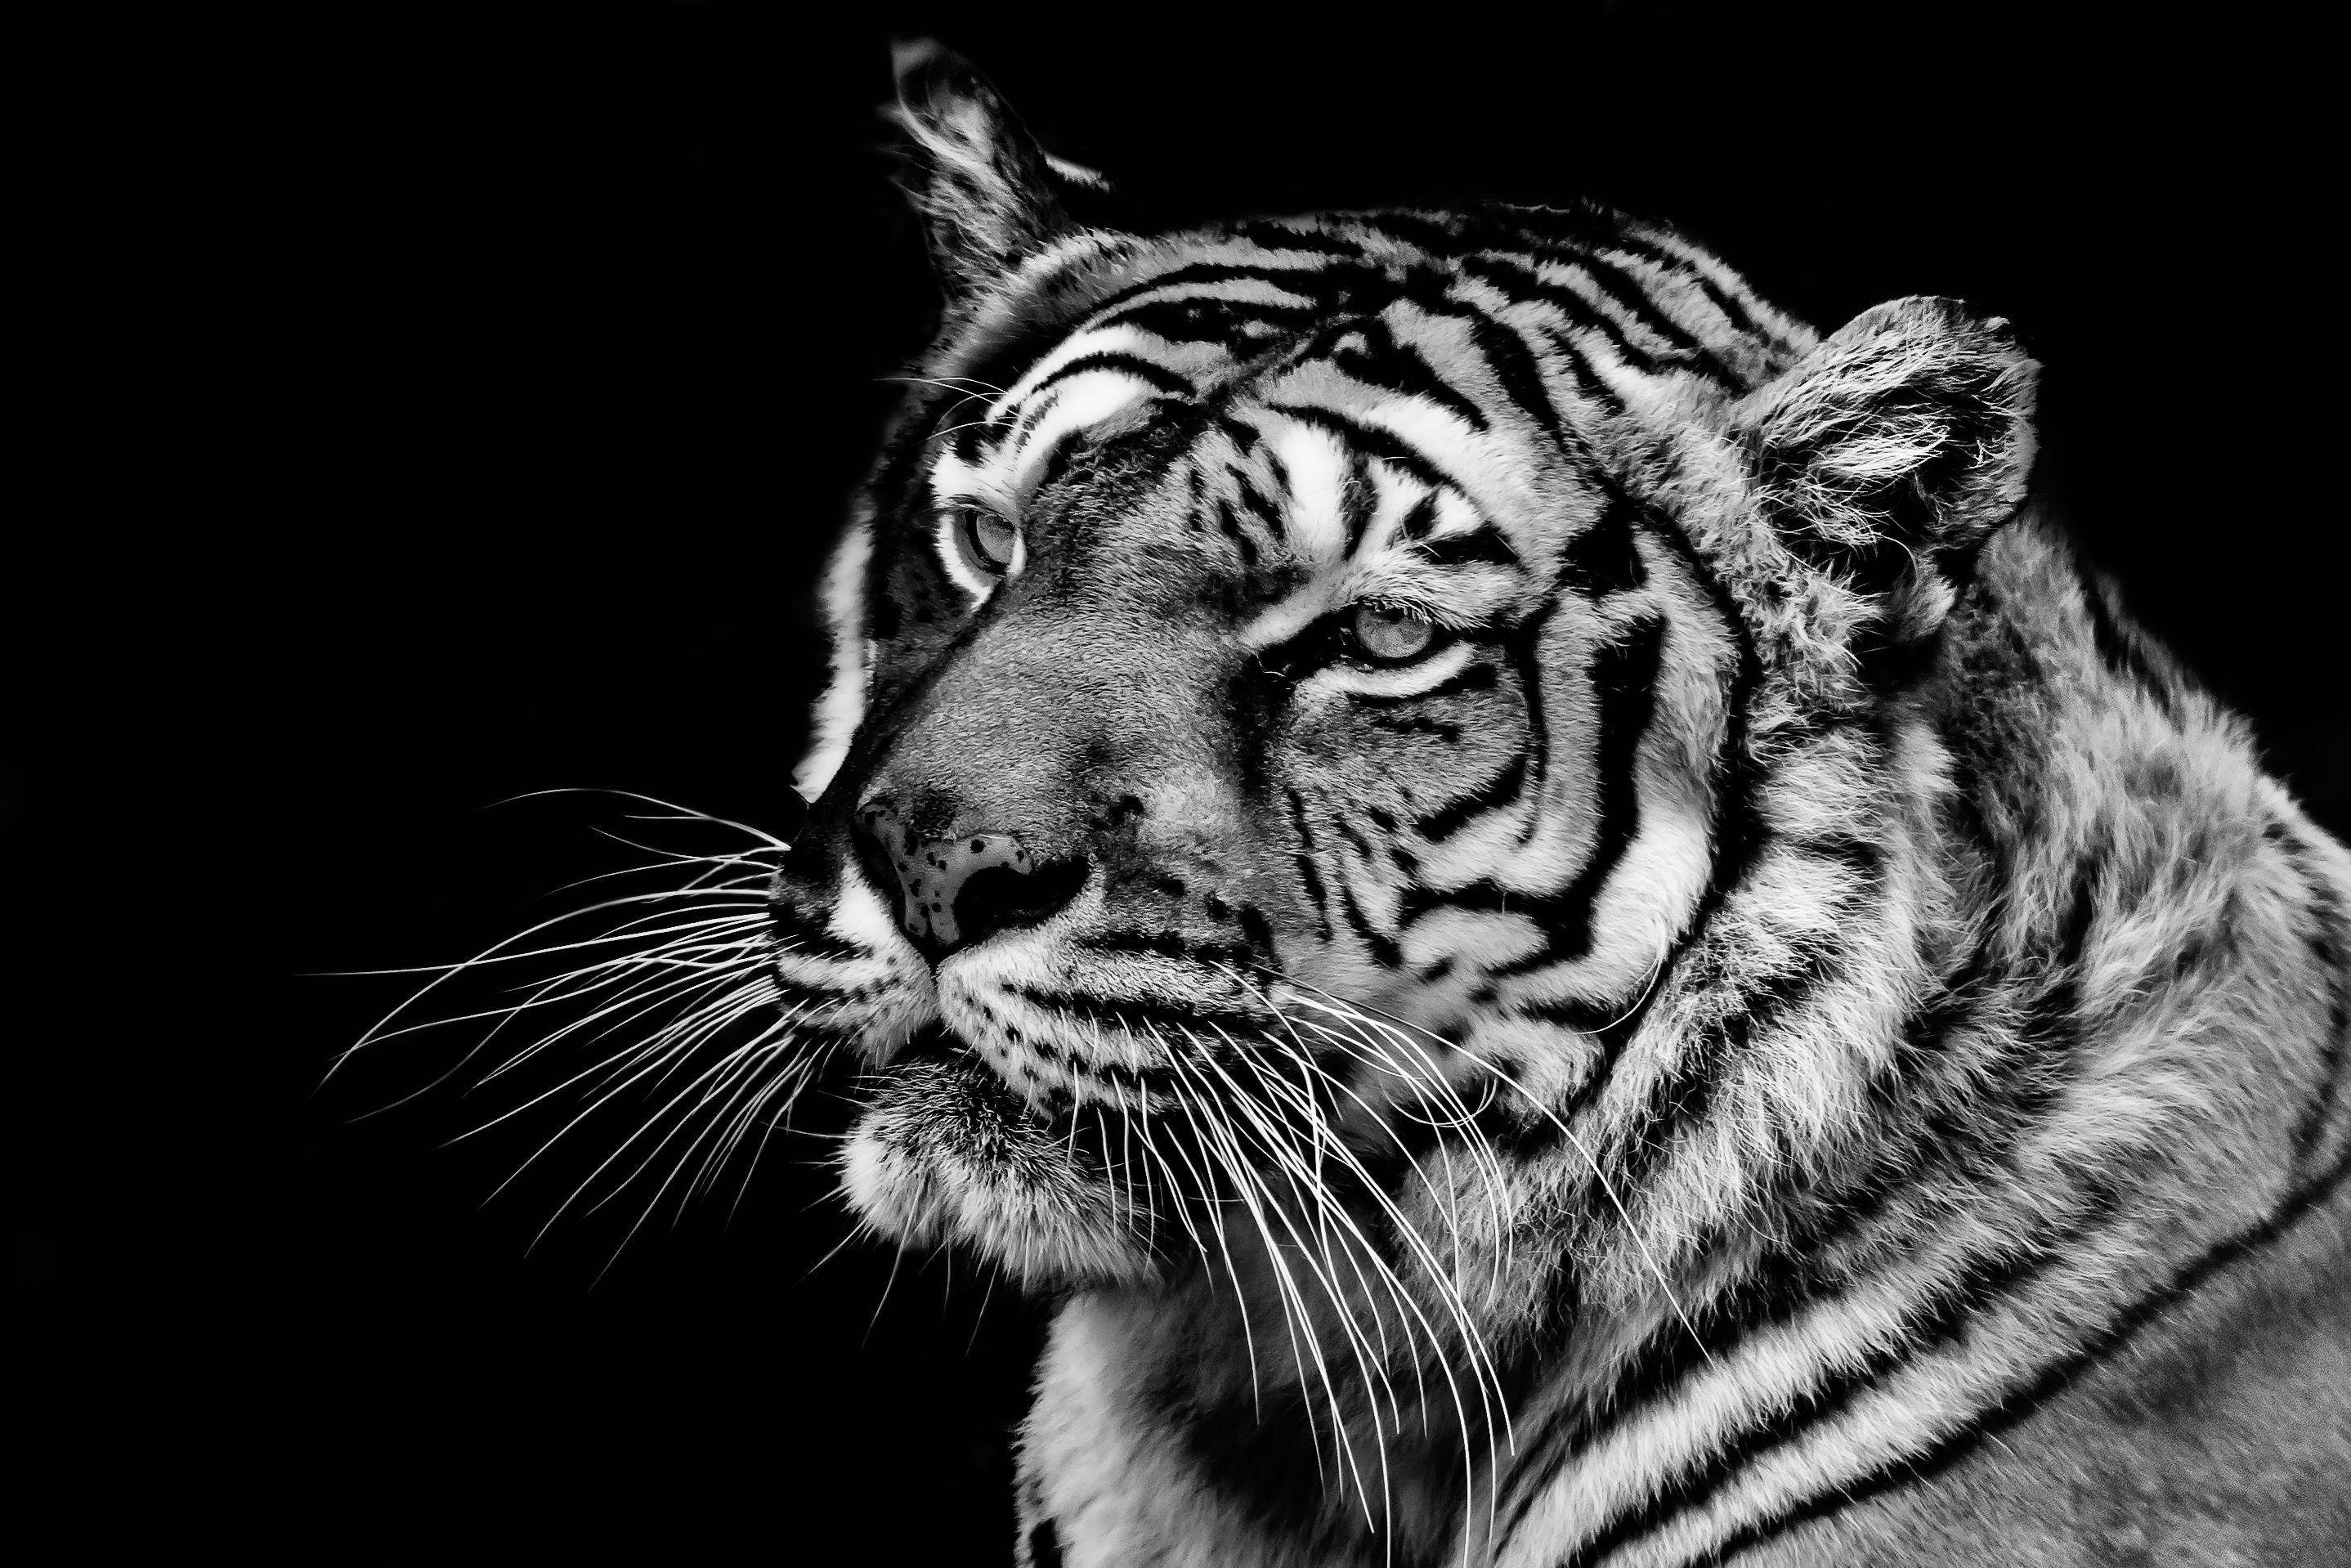 Tiger #4